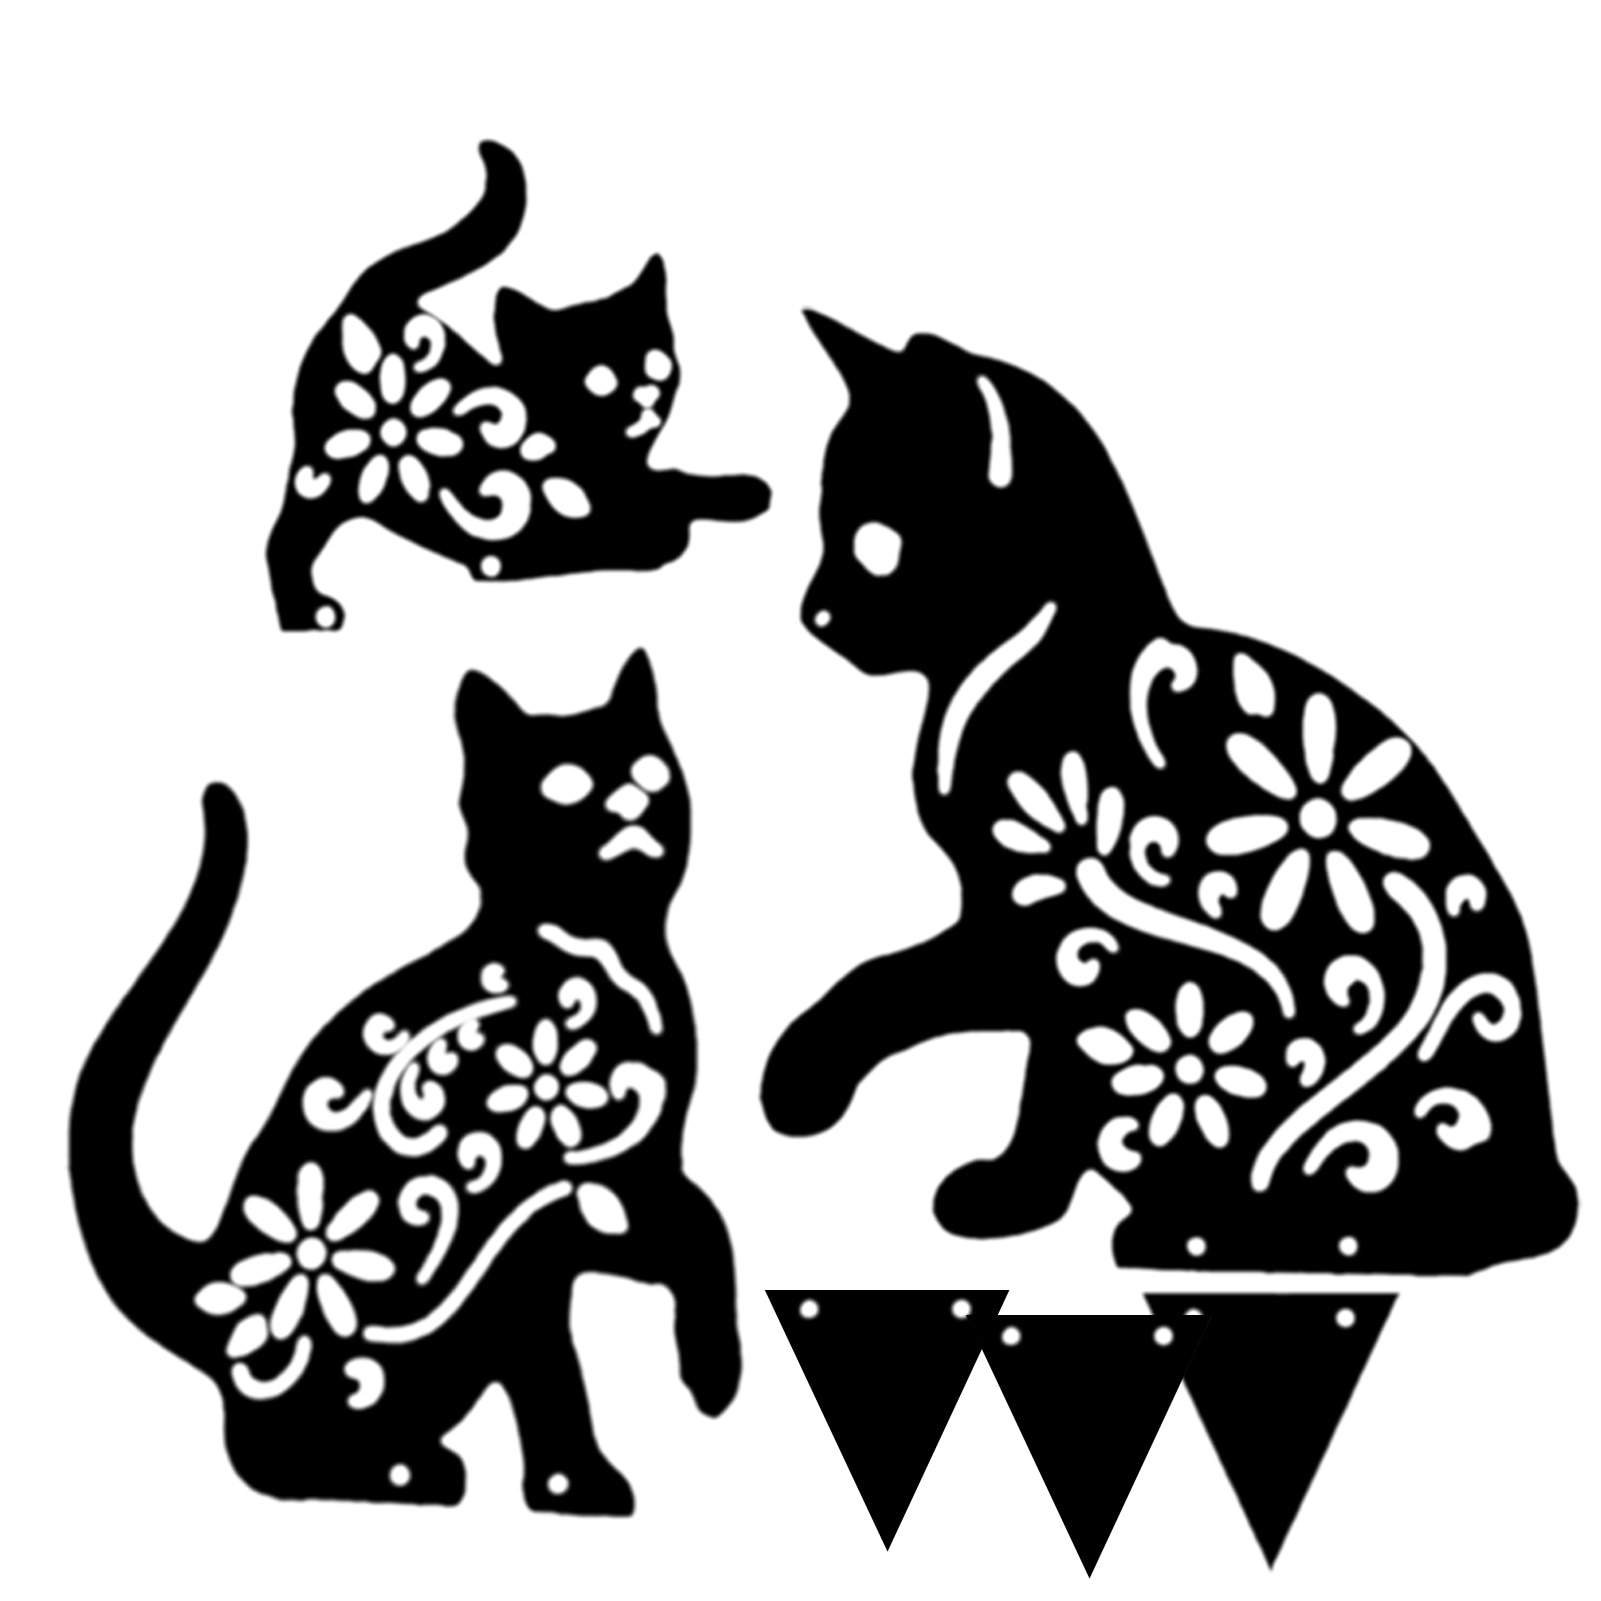 Bahçe demir kedi bahçe dekorasyon Metal kedi bahçe sanat kazık siyah kedi siluet bahçe dekorasyonu itme kemirgenler kuşlar tavşanlar